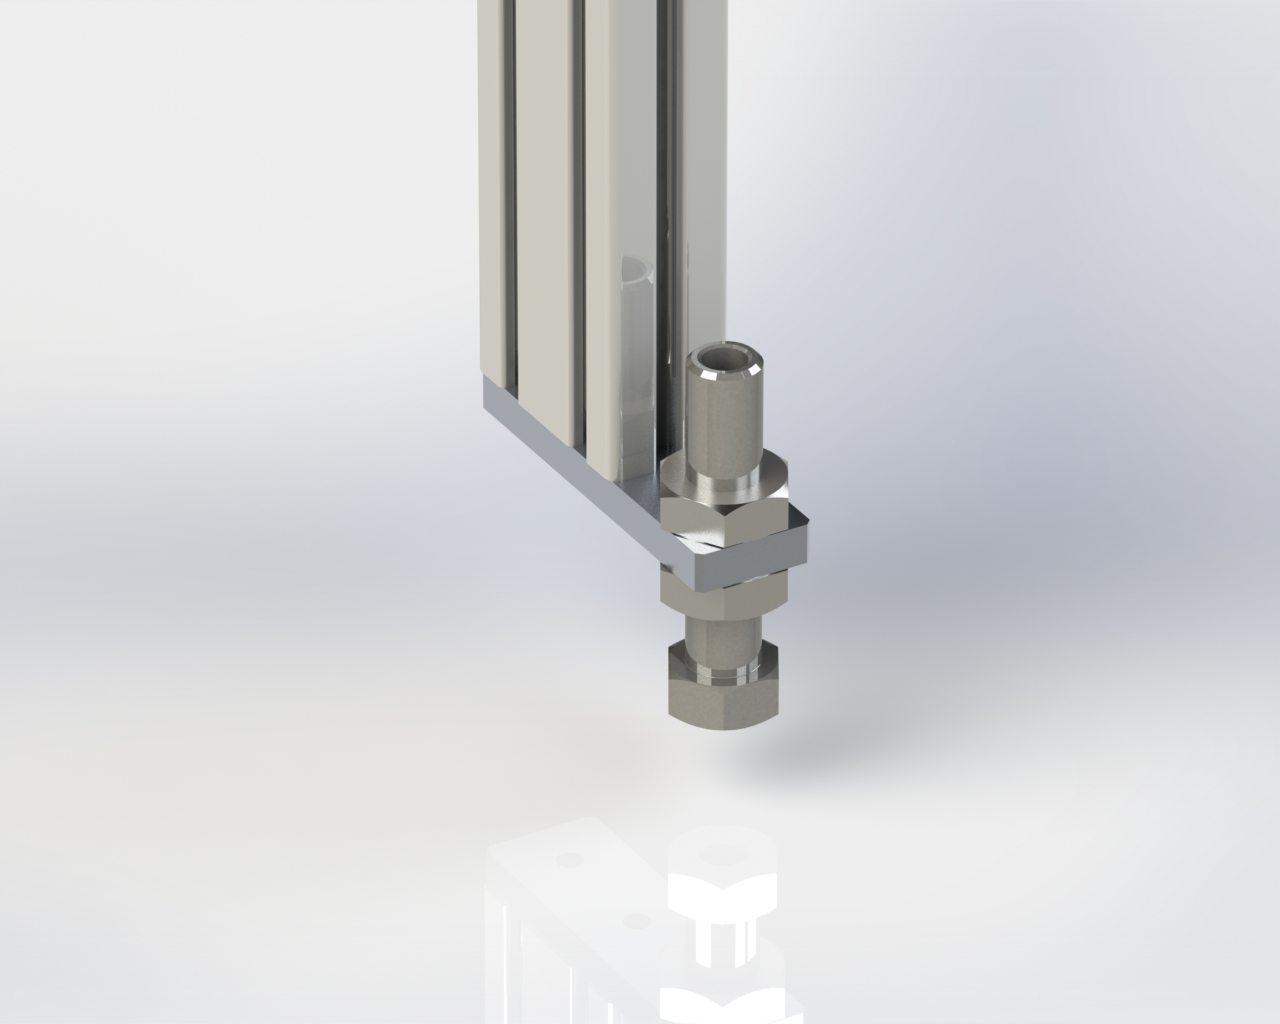 Model 55 Floor Stand Leveling Screw